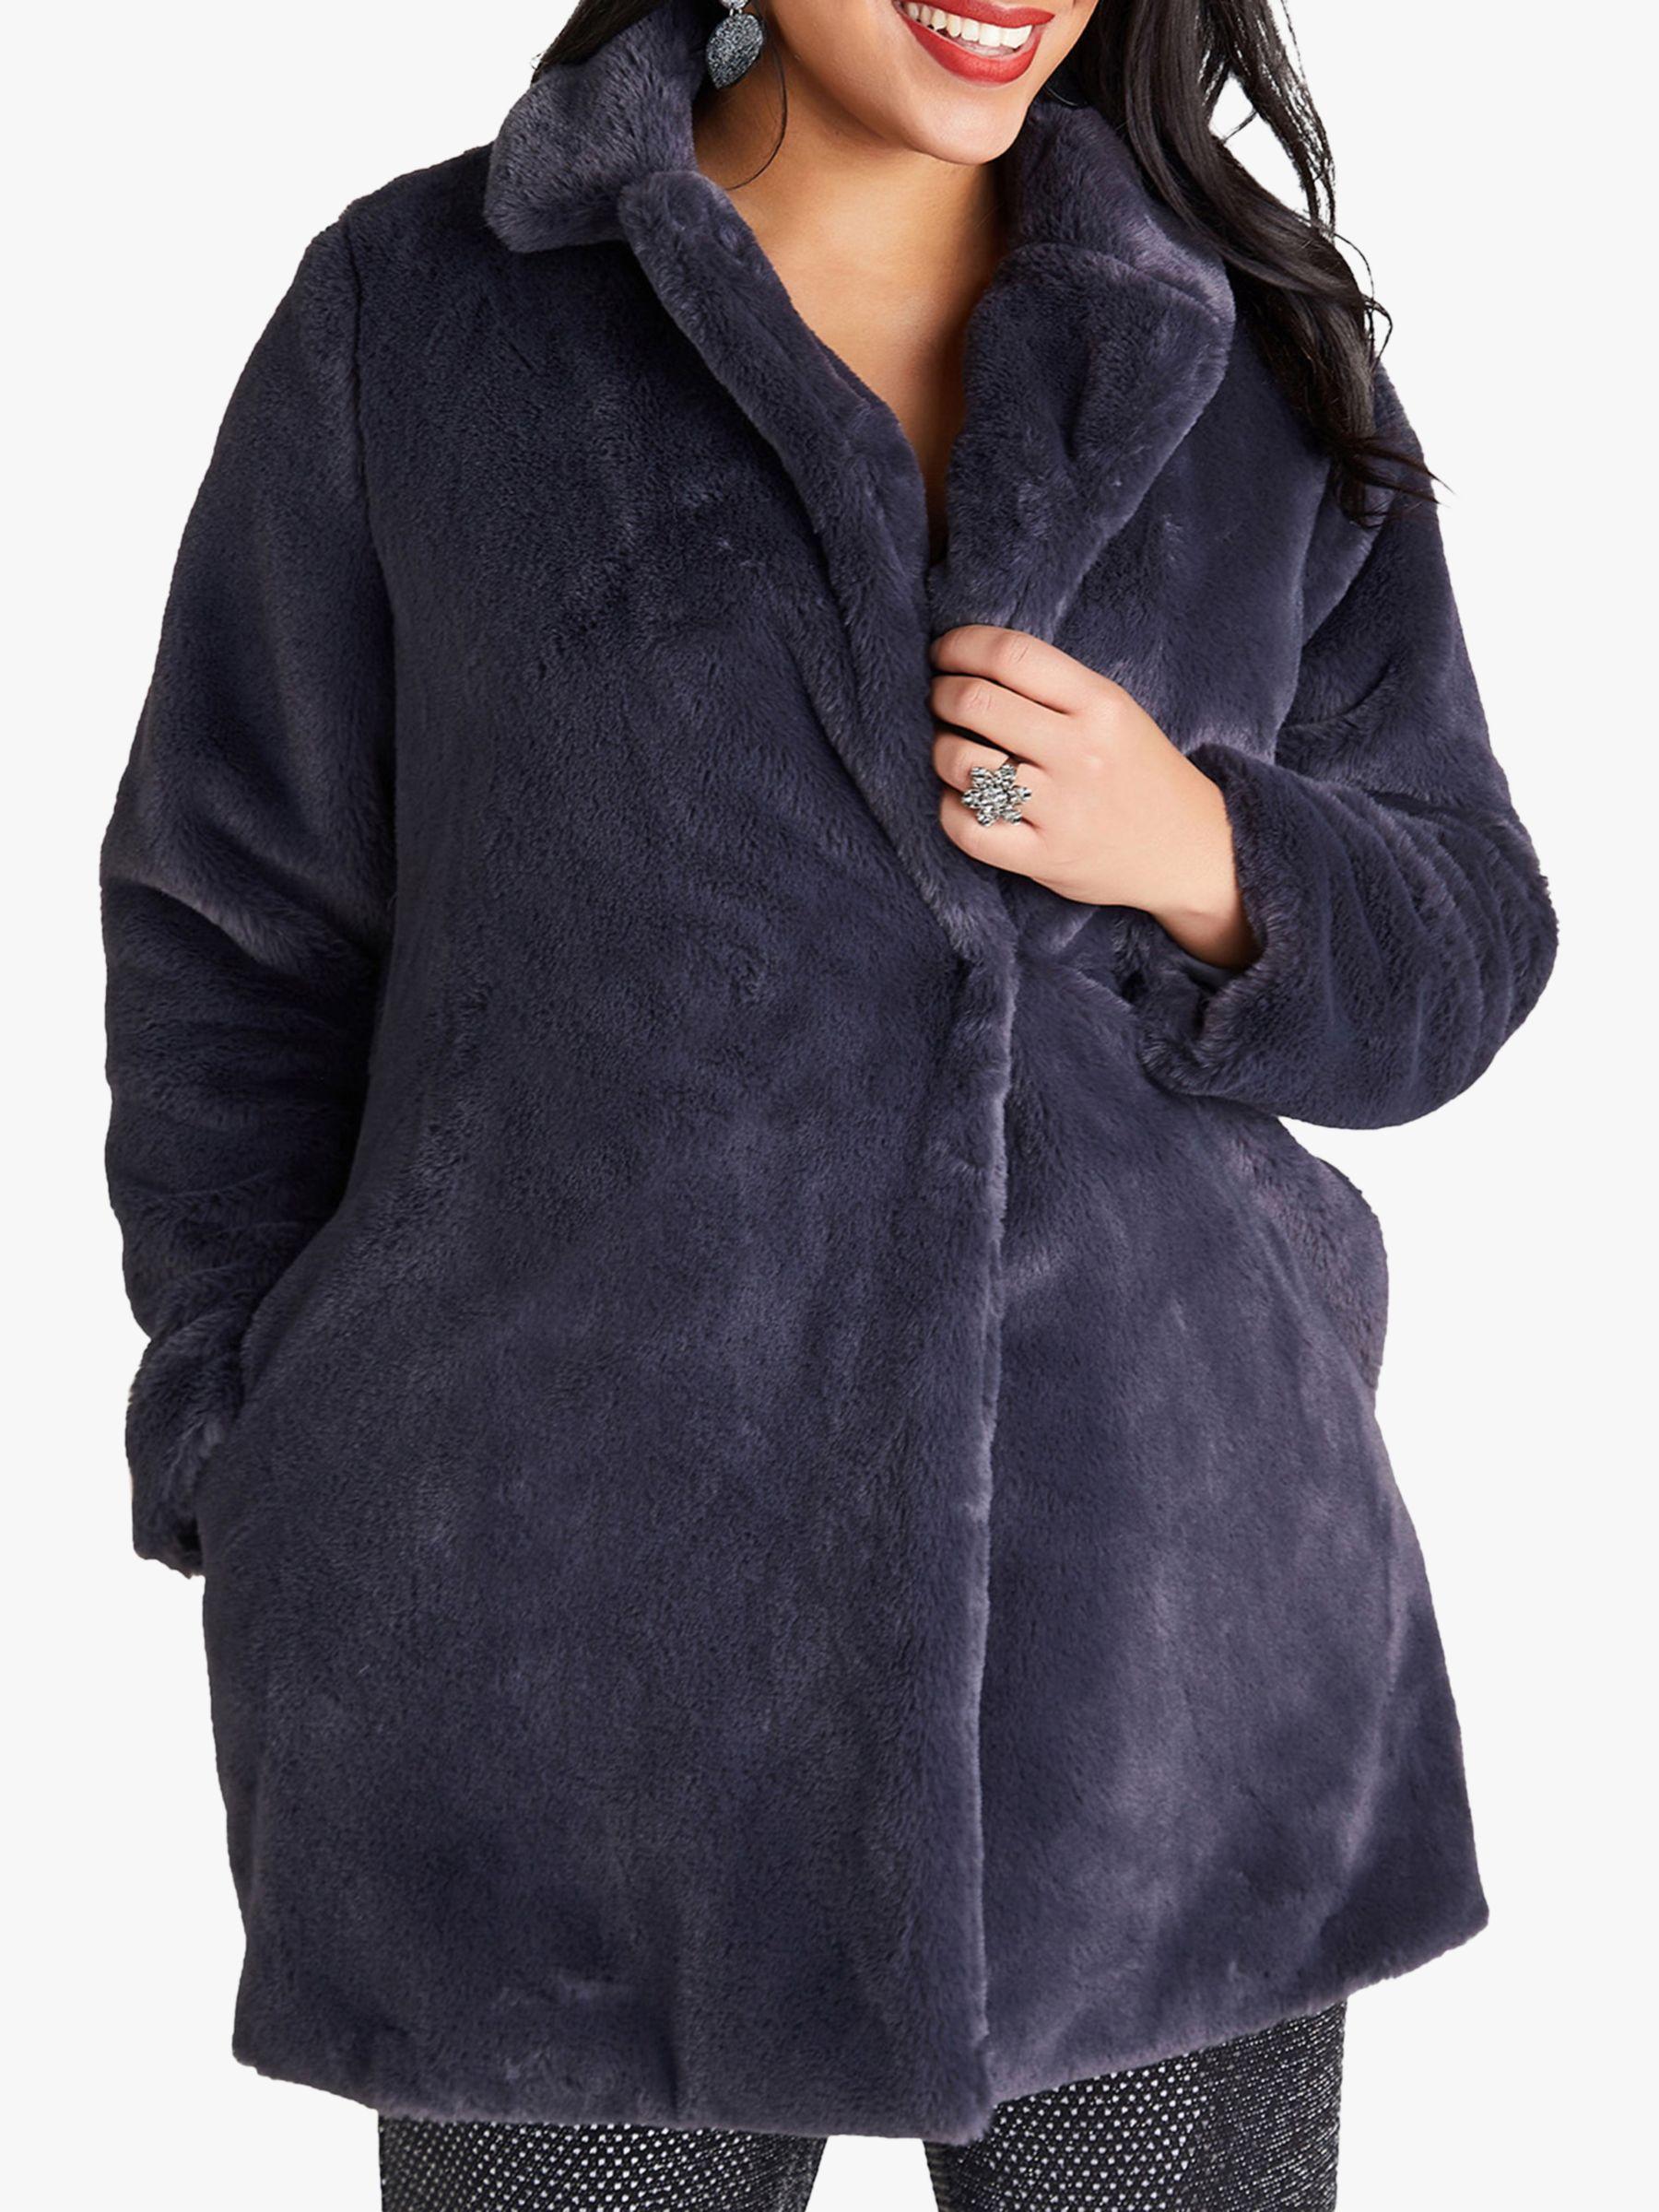 Yumi Curves Yumi Curves Fur Collar Jacket, Grey